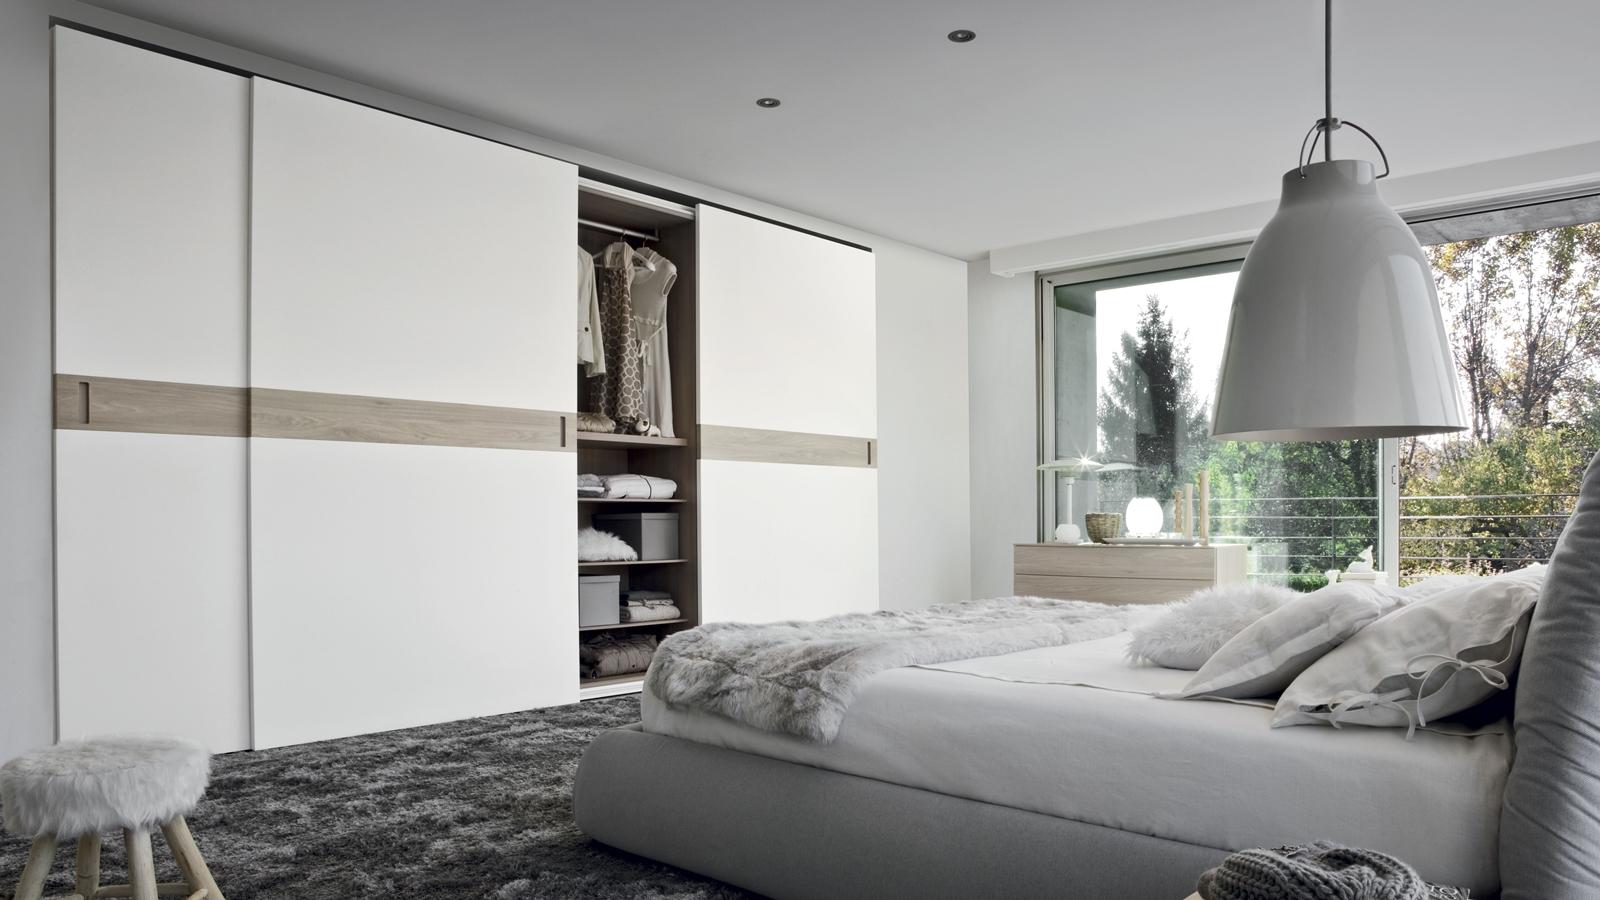 Schiebetürenschrank - Nova Mobili - Schlafzimmer und Bettenhaus ...